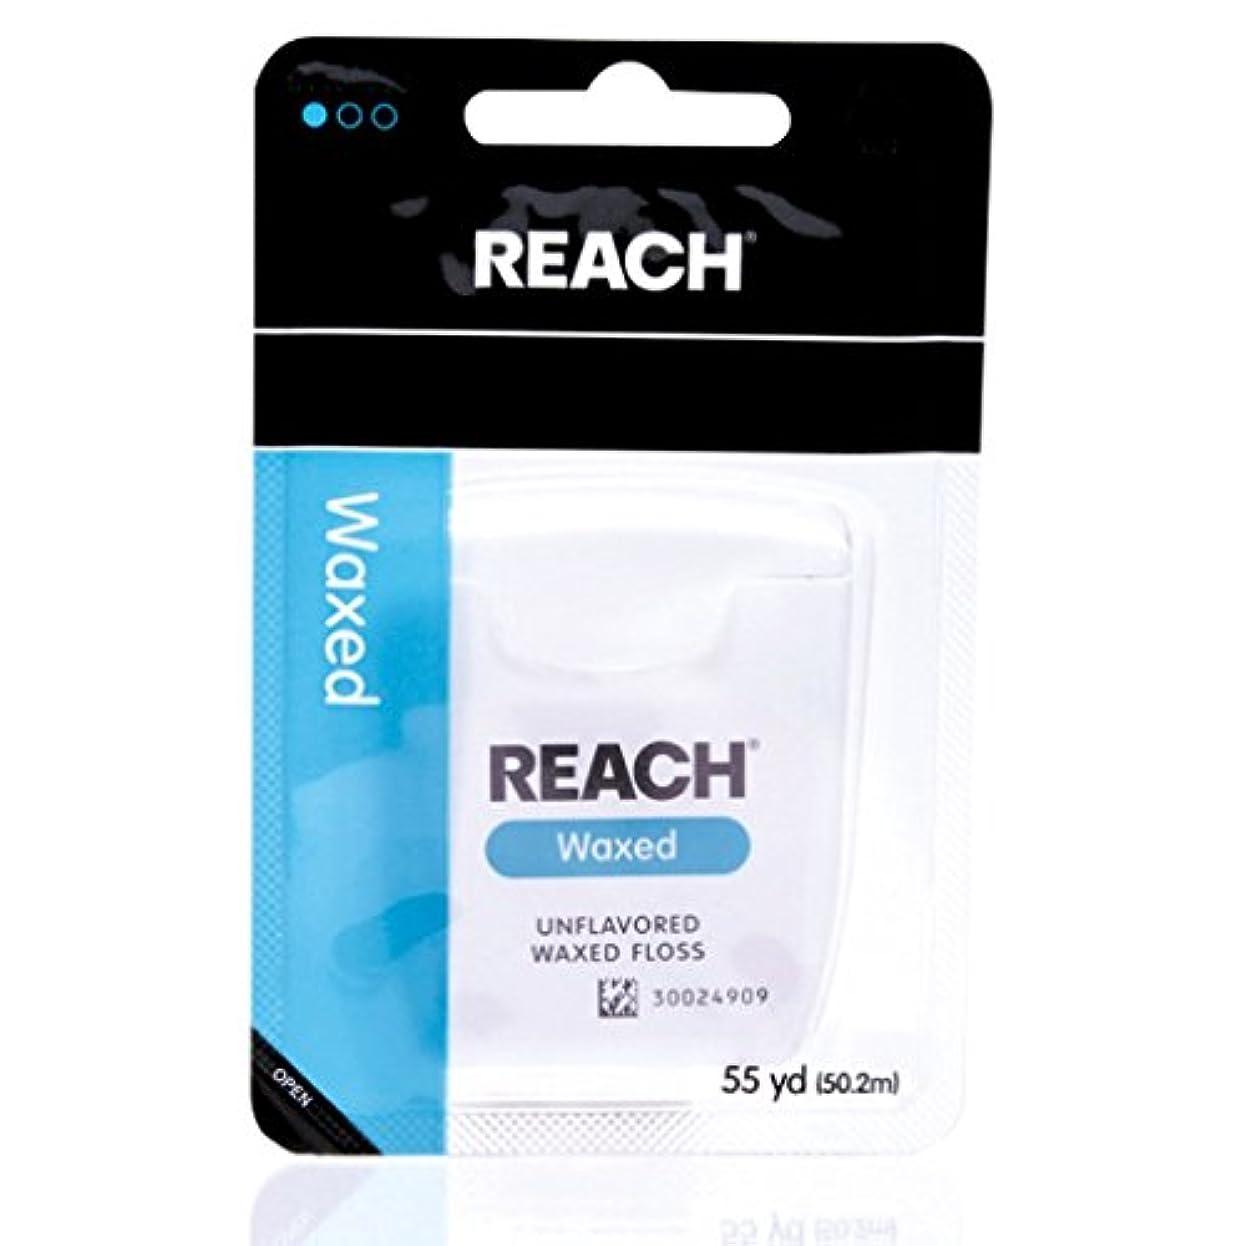 応援する出版最終的にREACH リーチ デンタルフロス ワックス Waxed 50M [並行輸入品]